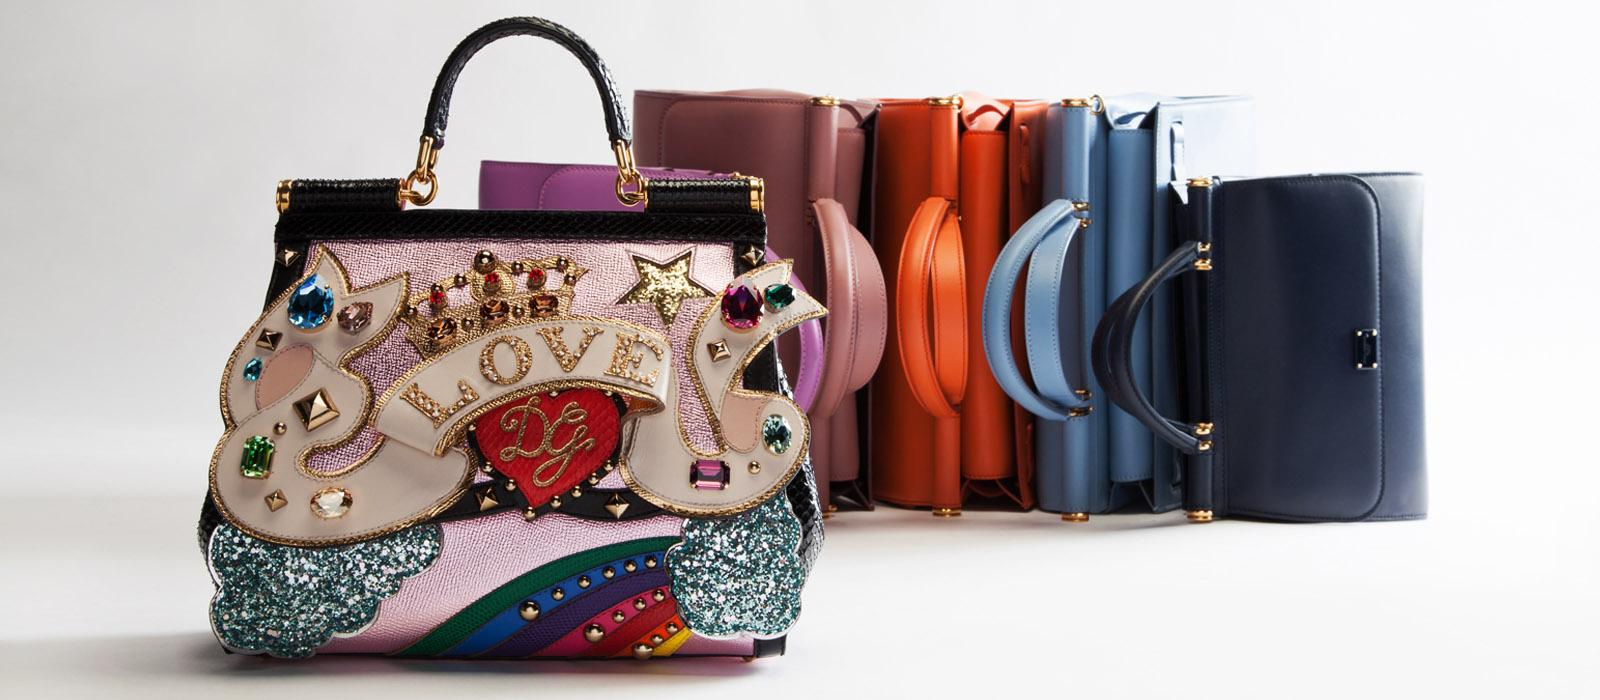 Sicily Bag của Dolce & Gabbana 10